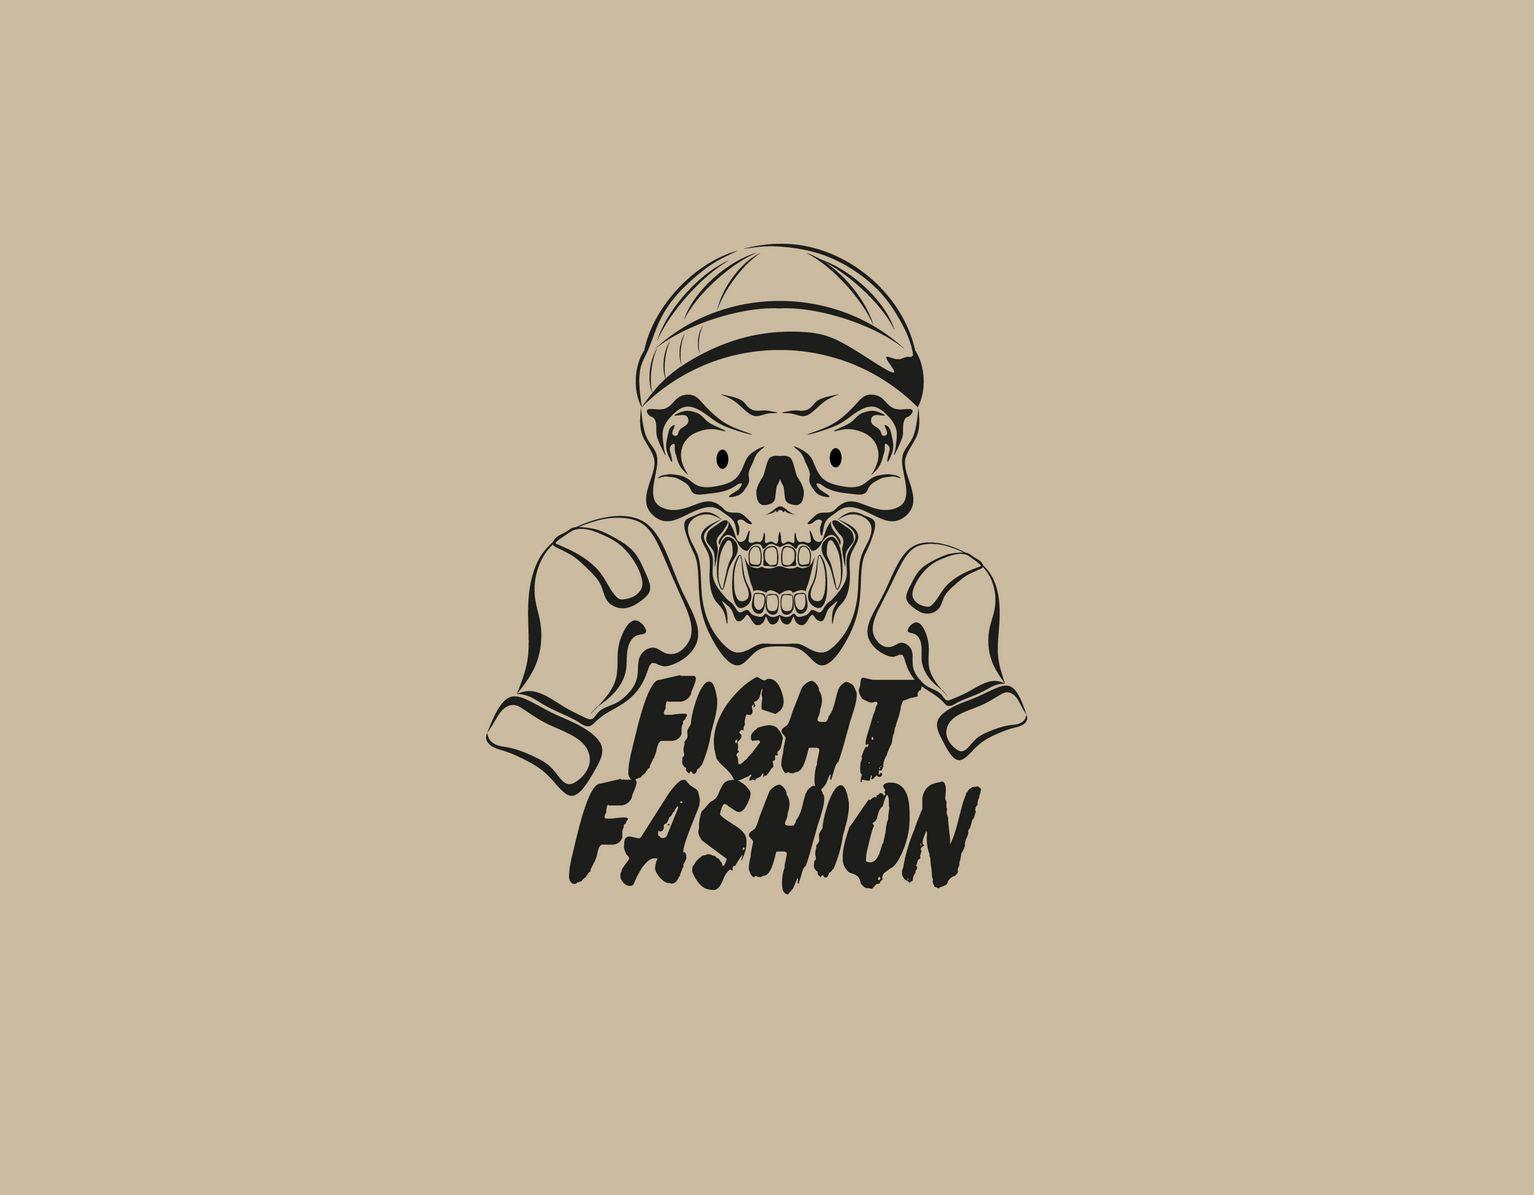 Логотип для Fight Fashion - дизайнер kirilln84